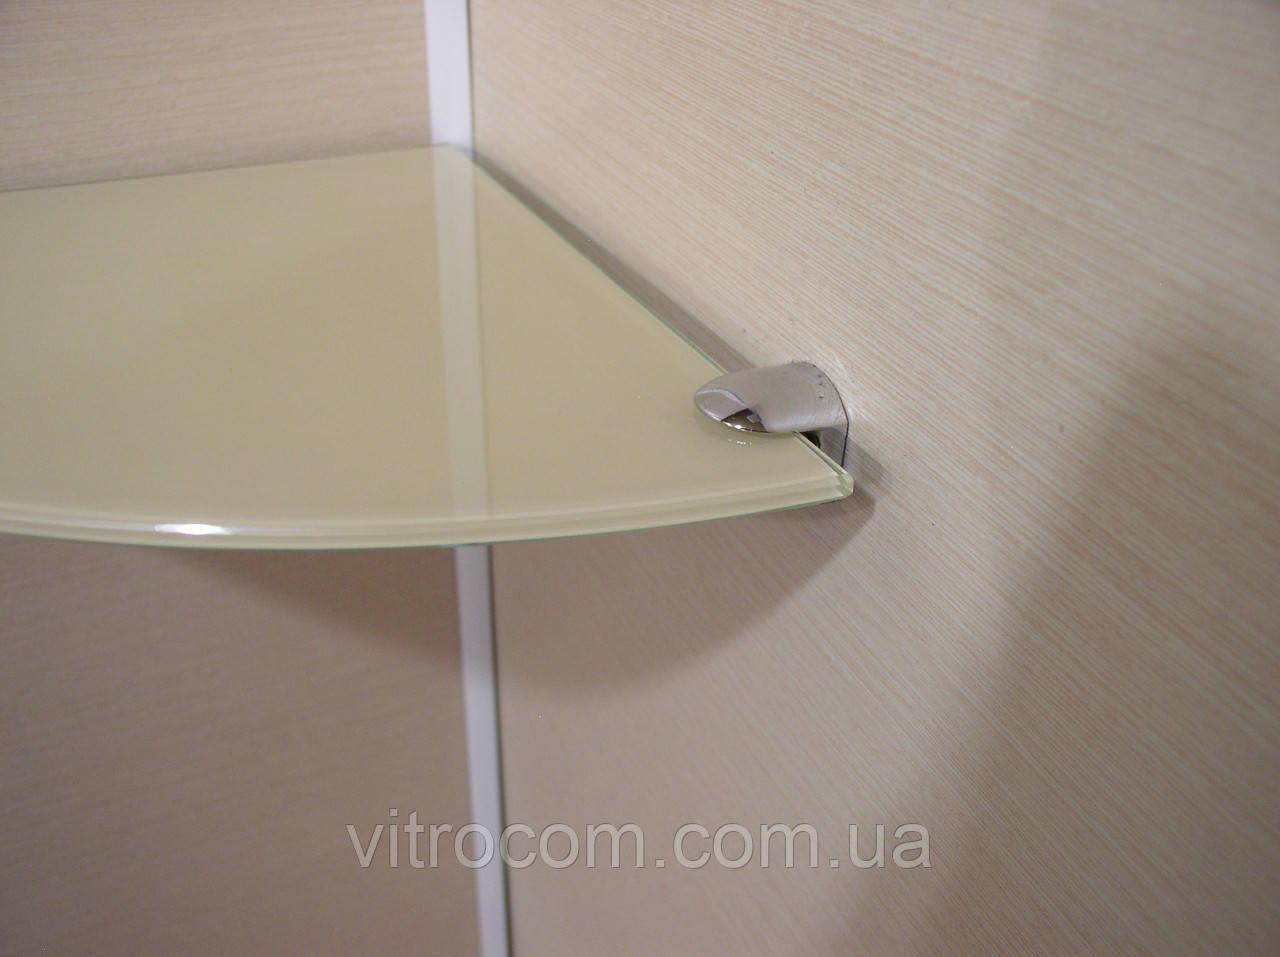 Полка стеклянная угловая 5 мм бежевая 25 х 25 см